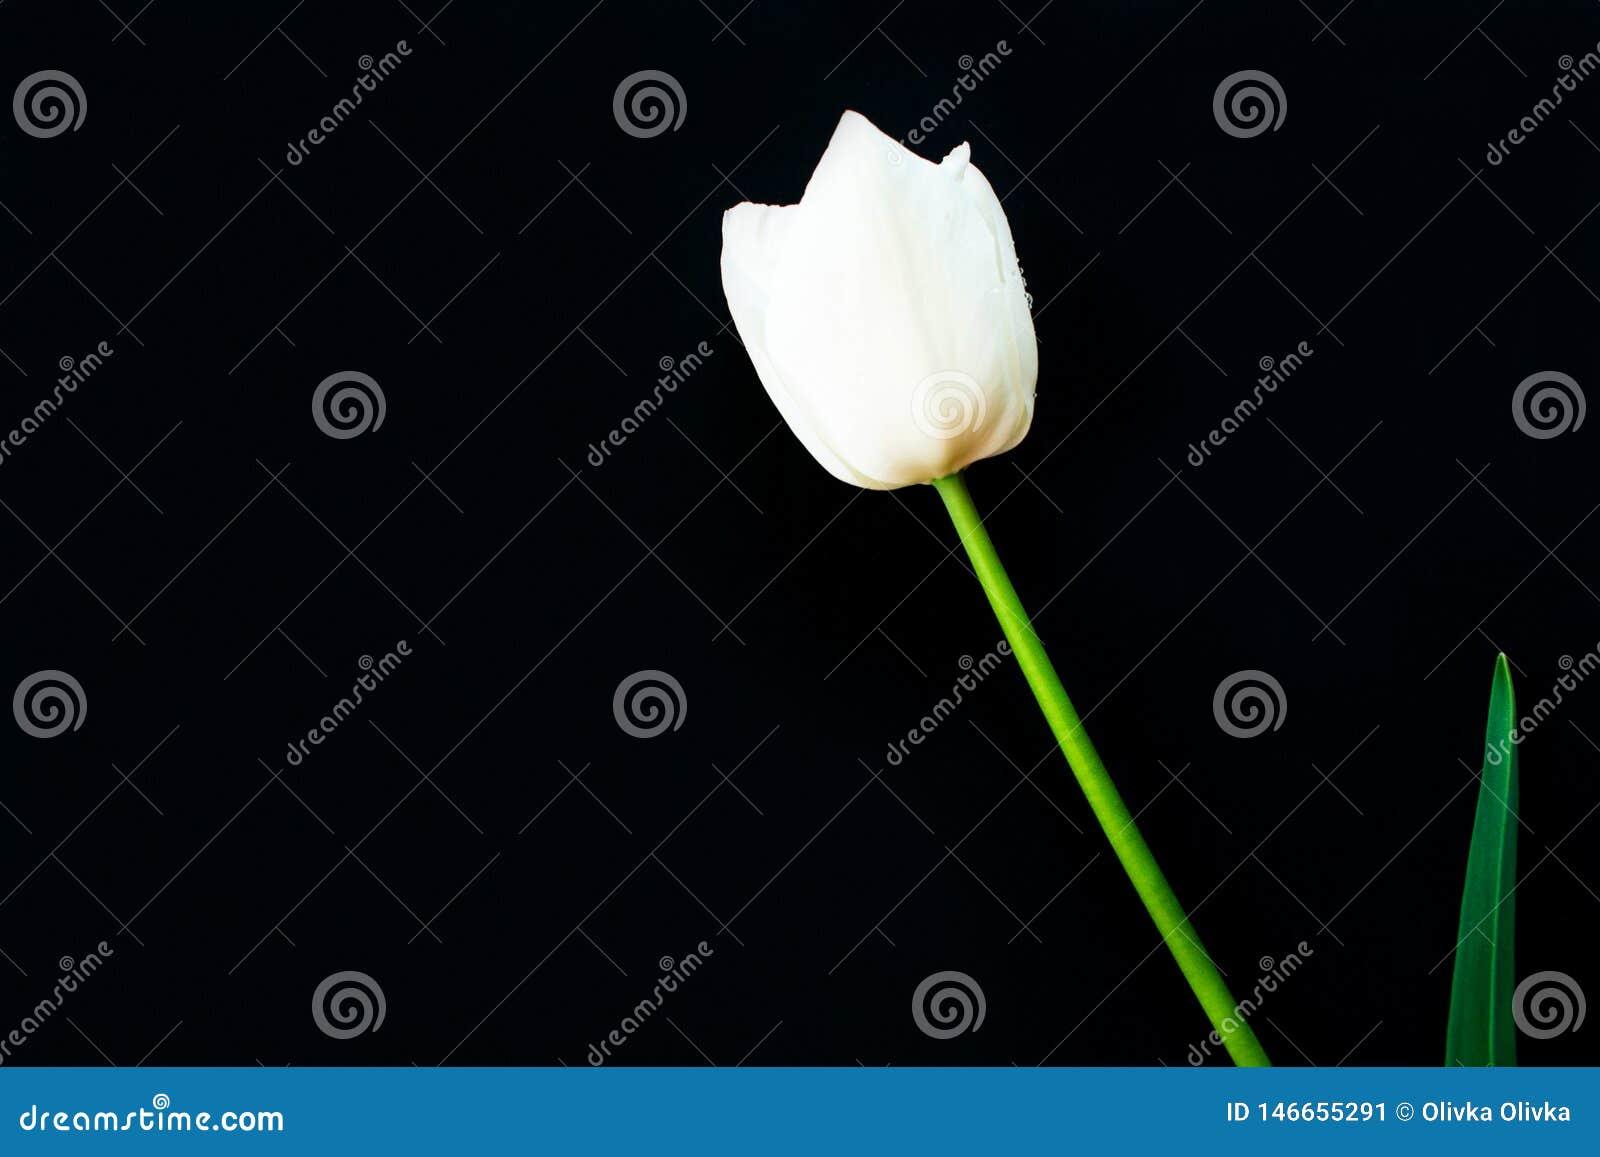 Geïsoleerde witte tulp op een zwarte achtergrond